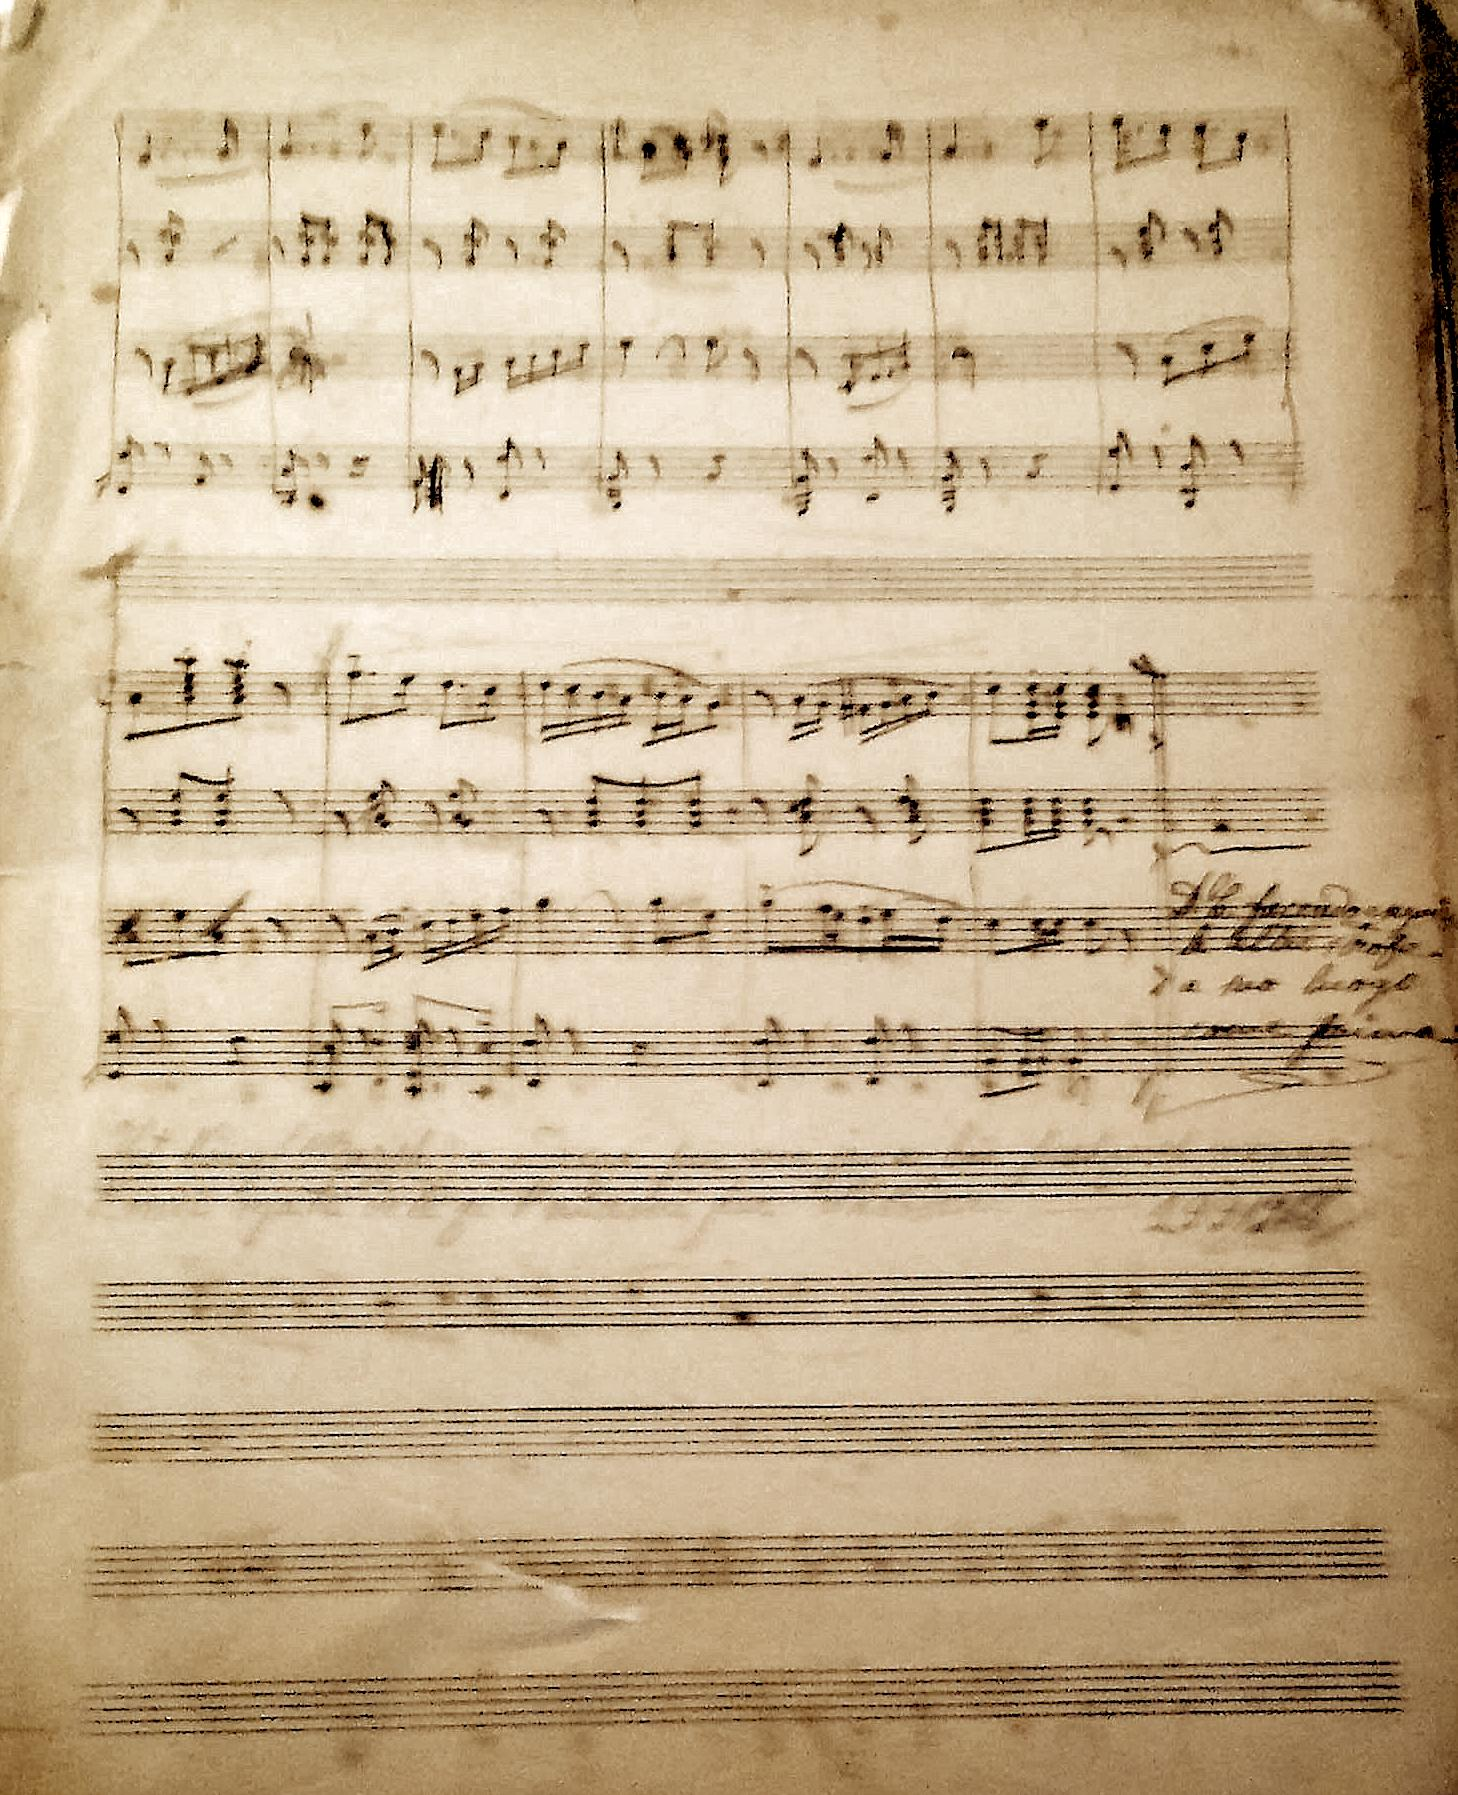 Faqja e 4 e Marshit ku është e shkruar dhe data e përfundimit të punës nga ana e kompozitorit 19.09.1918